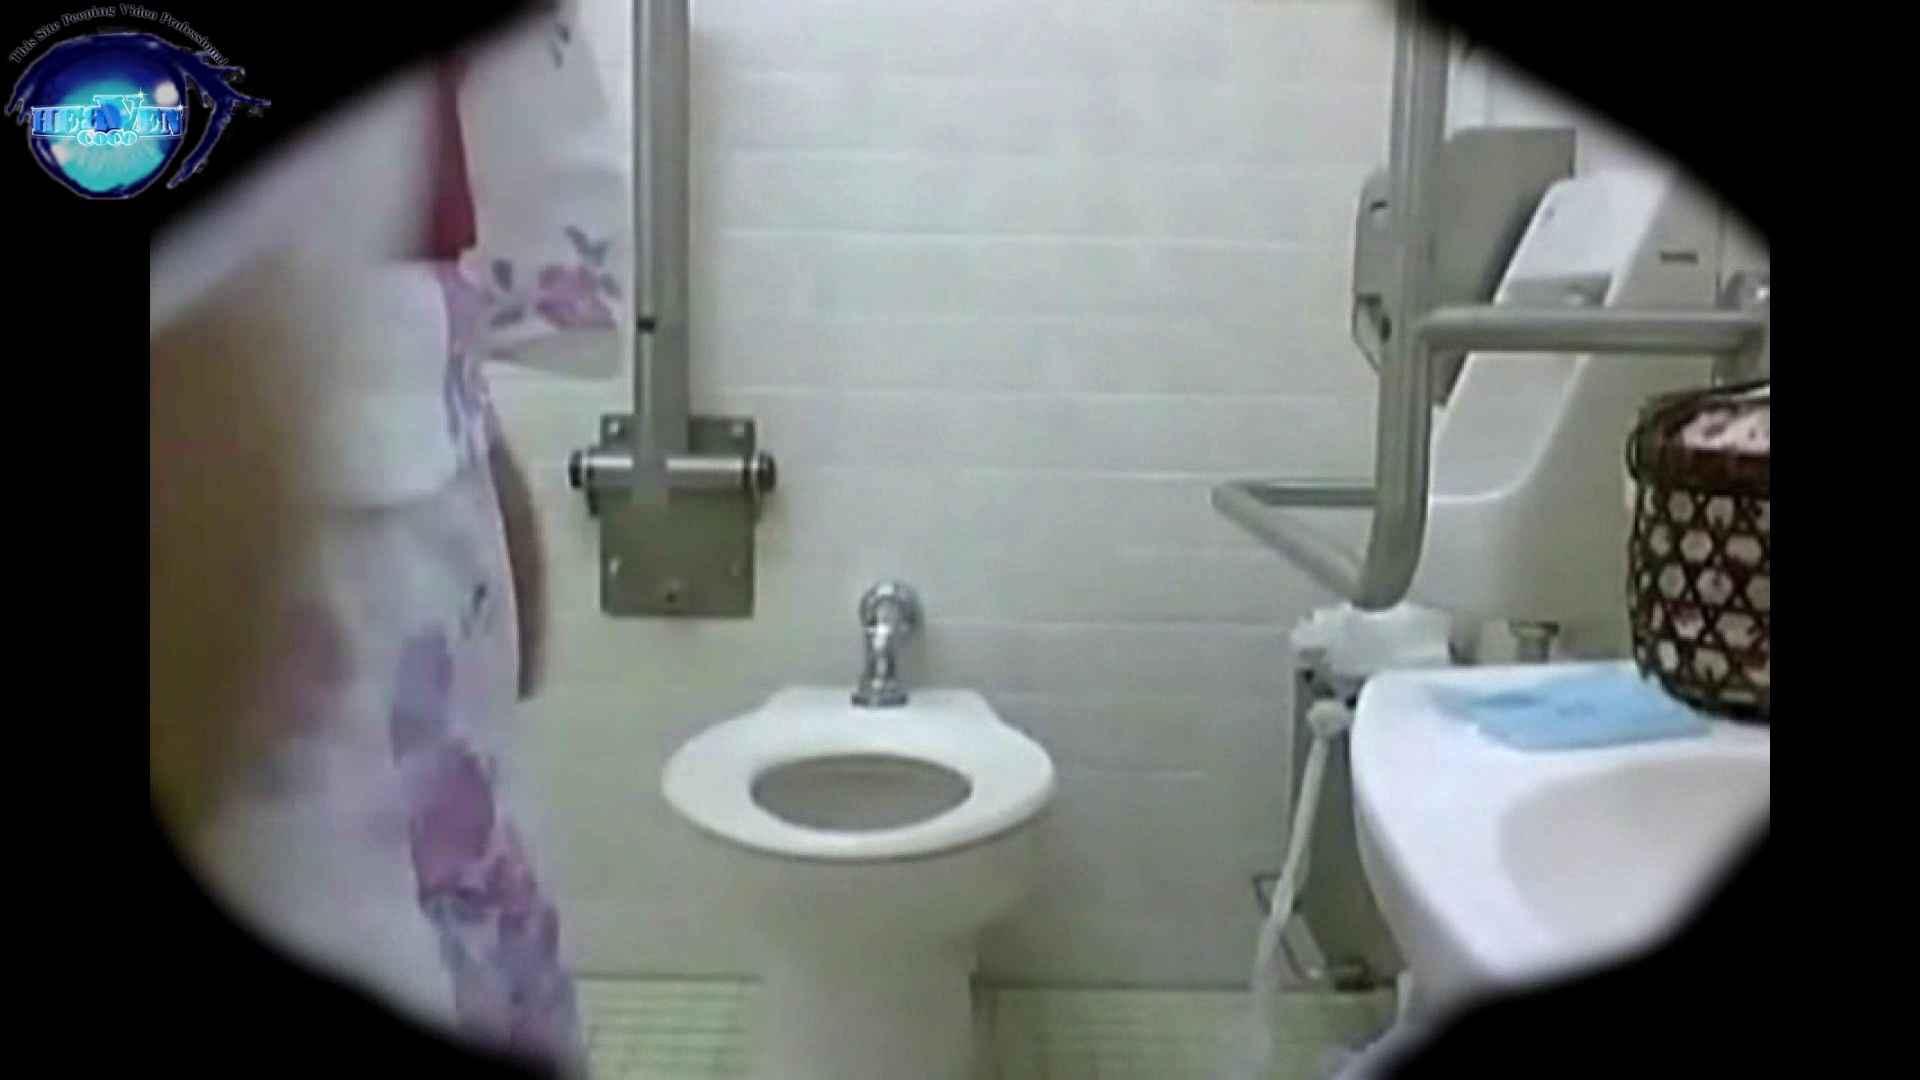 teen galトイレ覗き紙がナイ編‼vol.17 覗き エロ画像 90pic 55